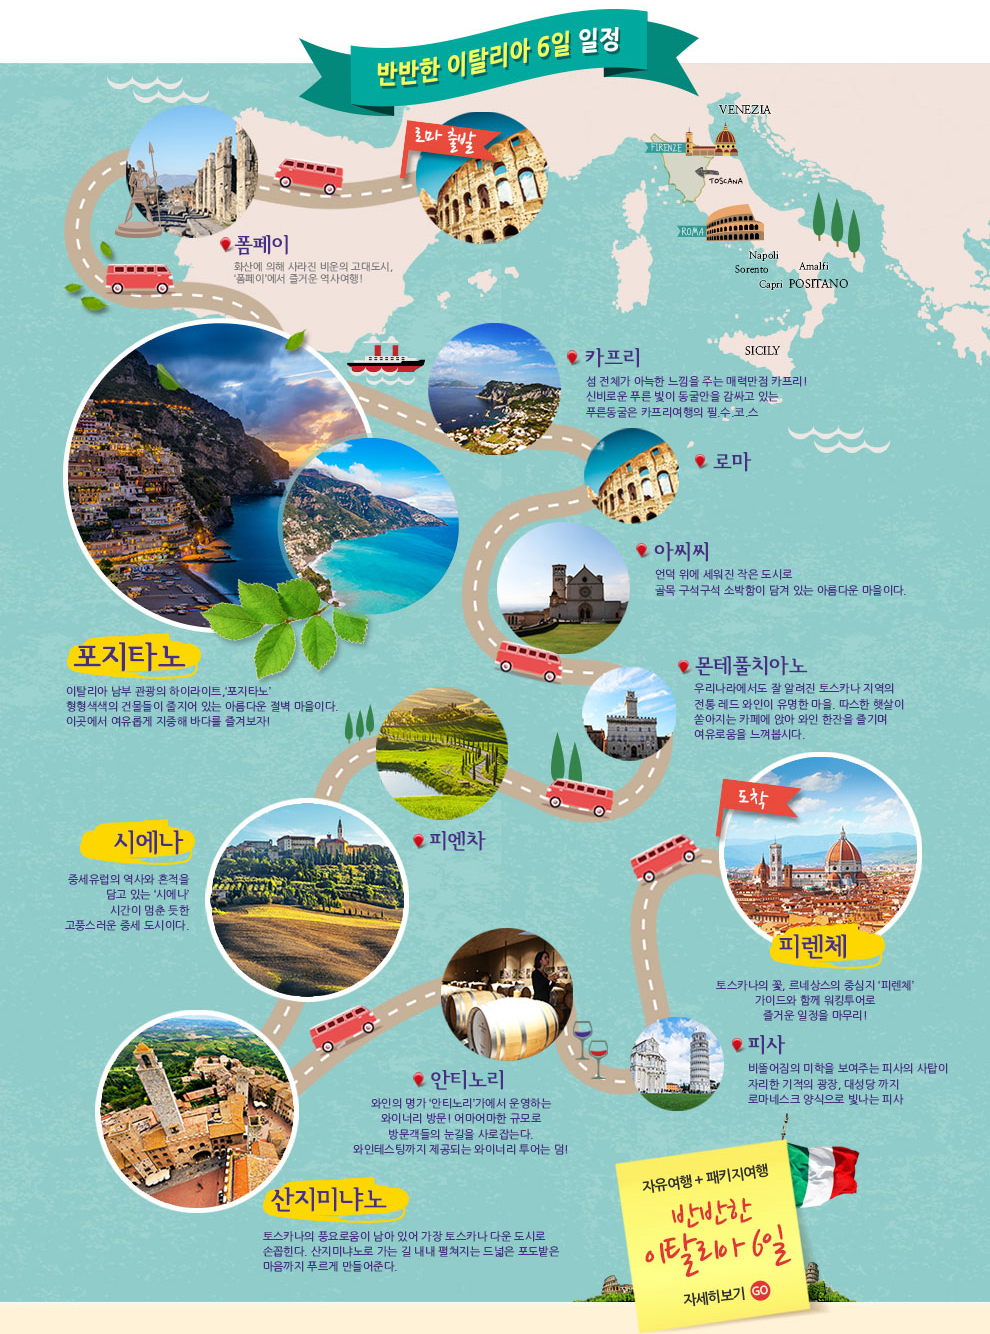 이오스여행사와 함께하는 WORLD EXPLORER ver.8 이탈리아&스위스 여행 서포터즈 공개모집-반반한 이탈리아 6일 일정